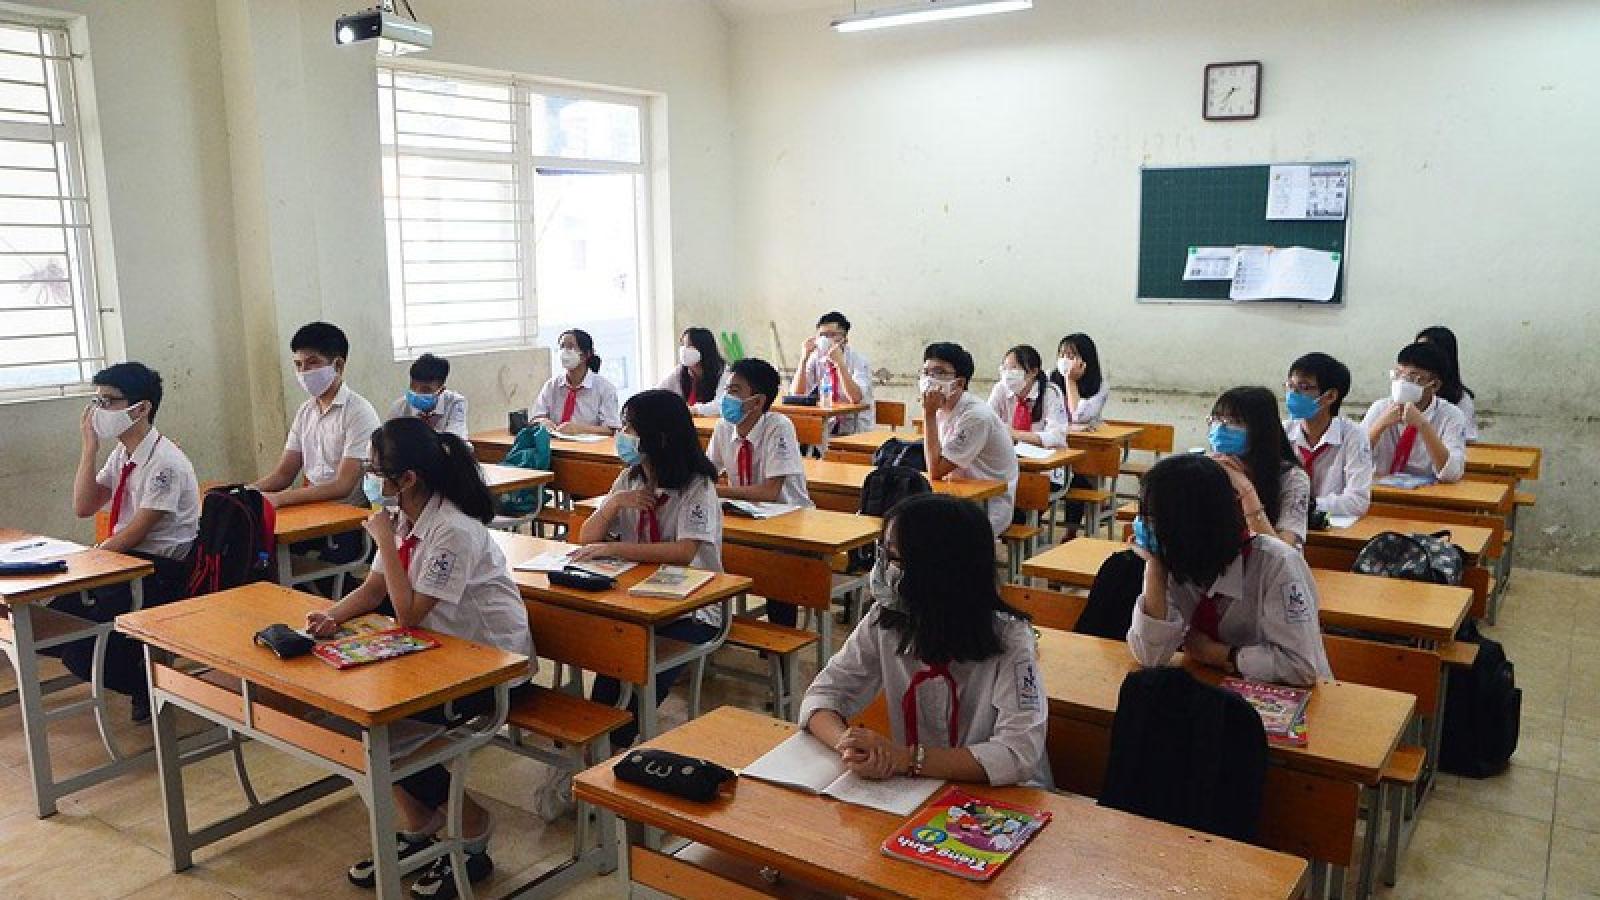 Giãn cách lớp học, nhiều trường loay hoay vì thiếu phòng học, giáo viên